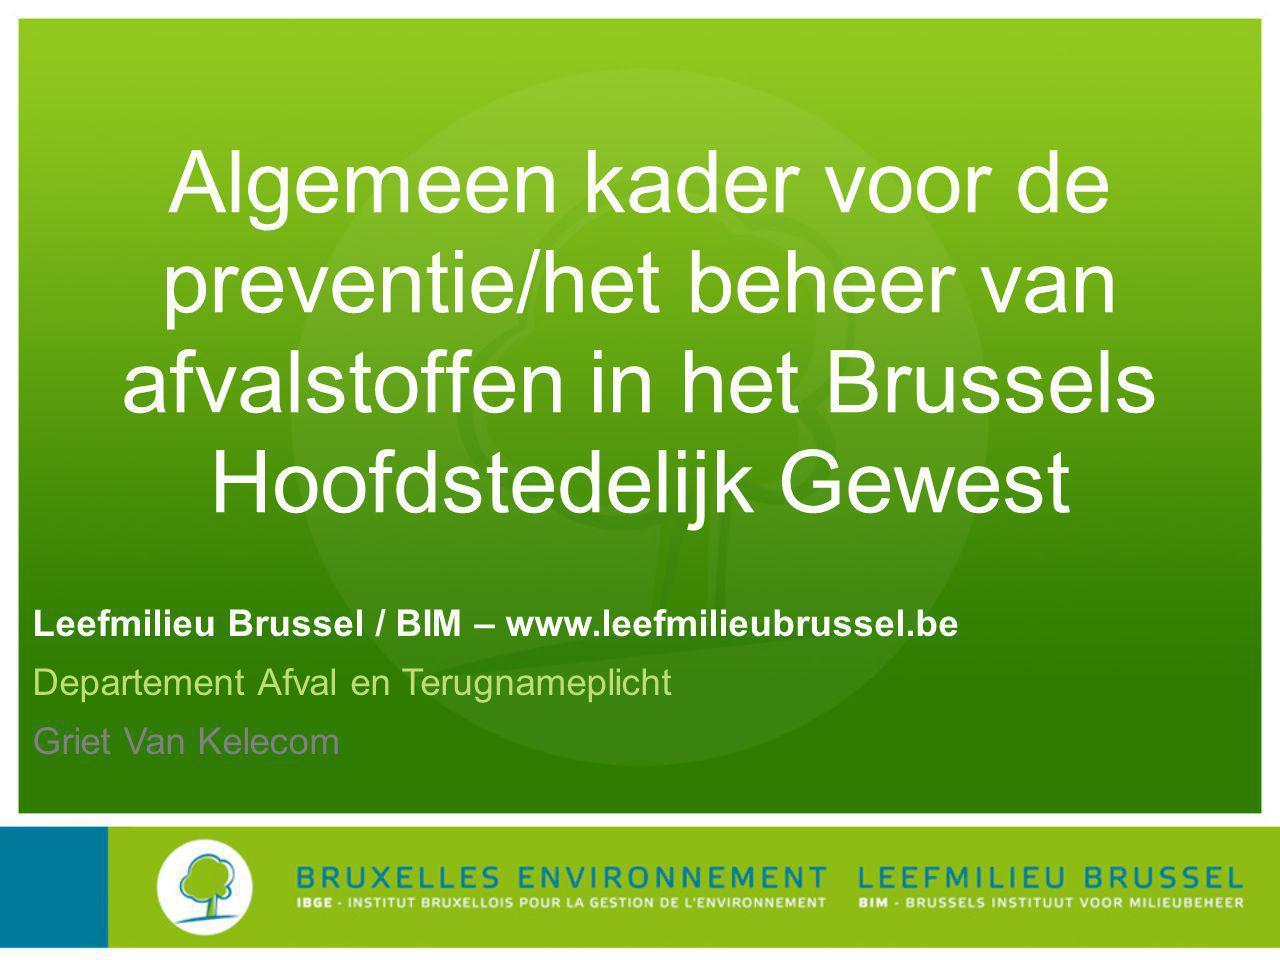 Leefmilieu Brussel / BIM – www.leefmilieubrussel.be Departement Afval en Terugnameplicht Griet Van Kelecom Algemeen kader voor de preventie/het beheer van afvalstoffen in het Brussels Hoofdstedelijk Gewest